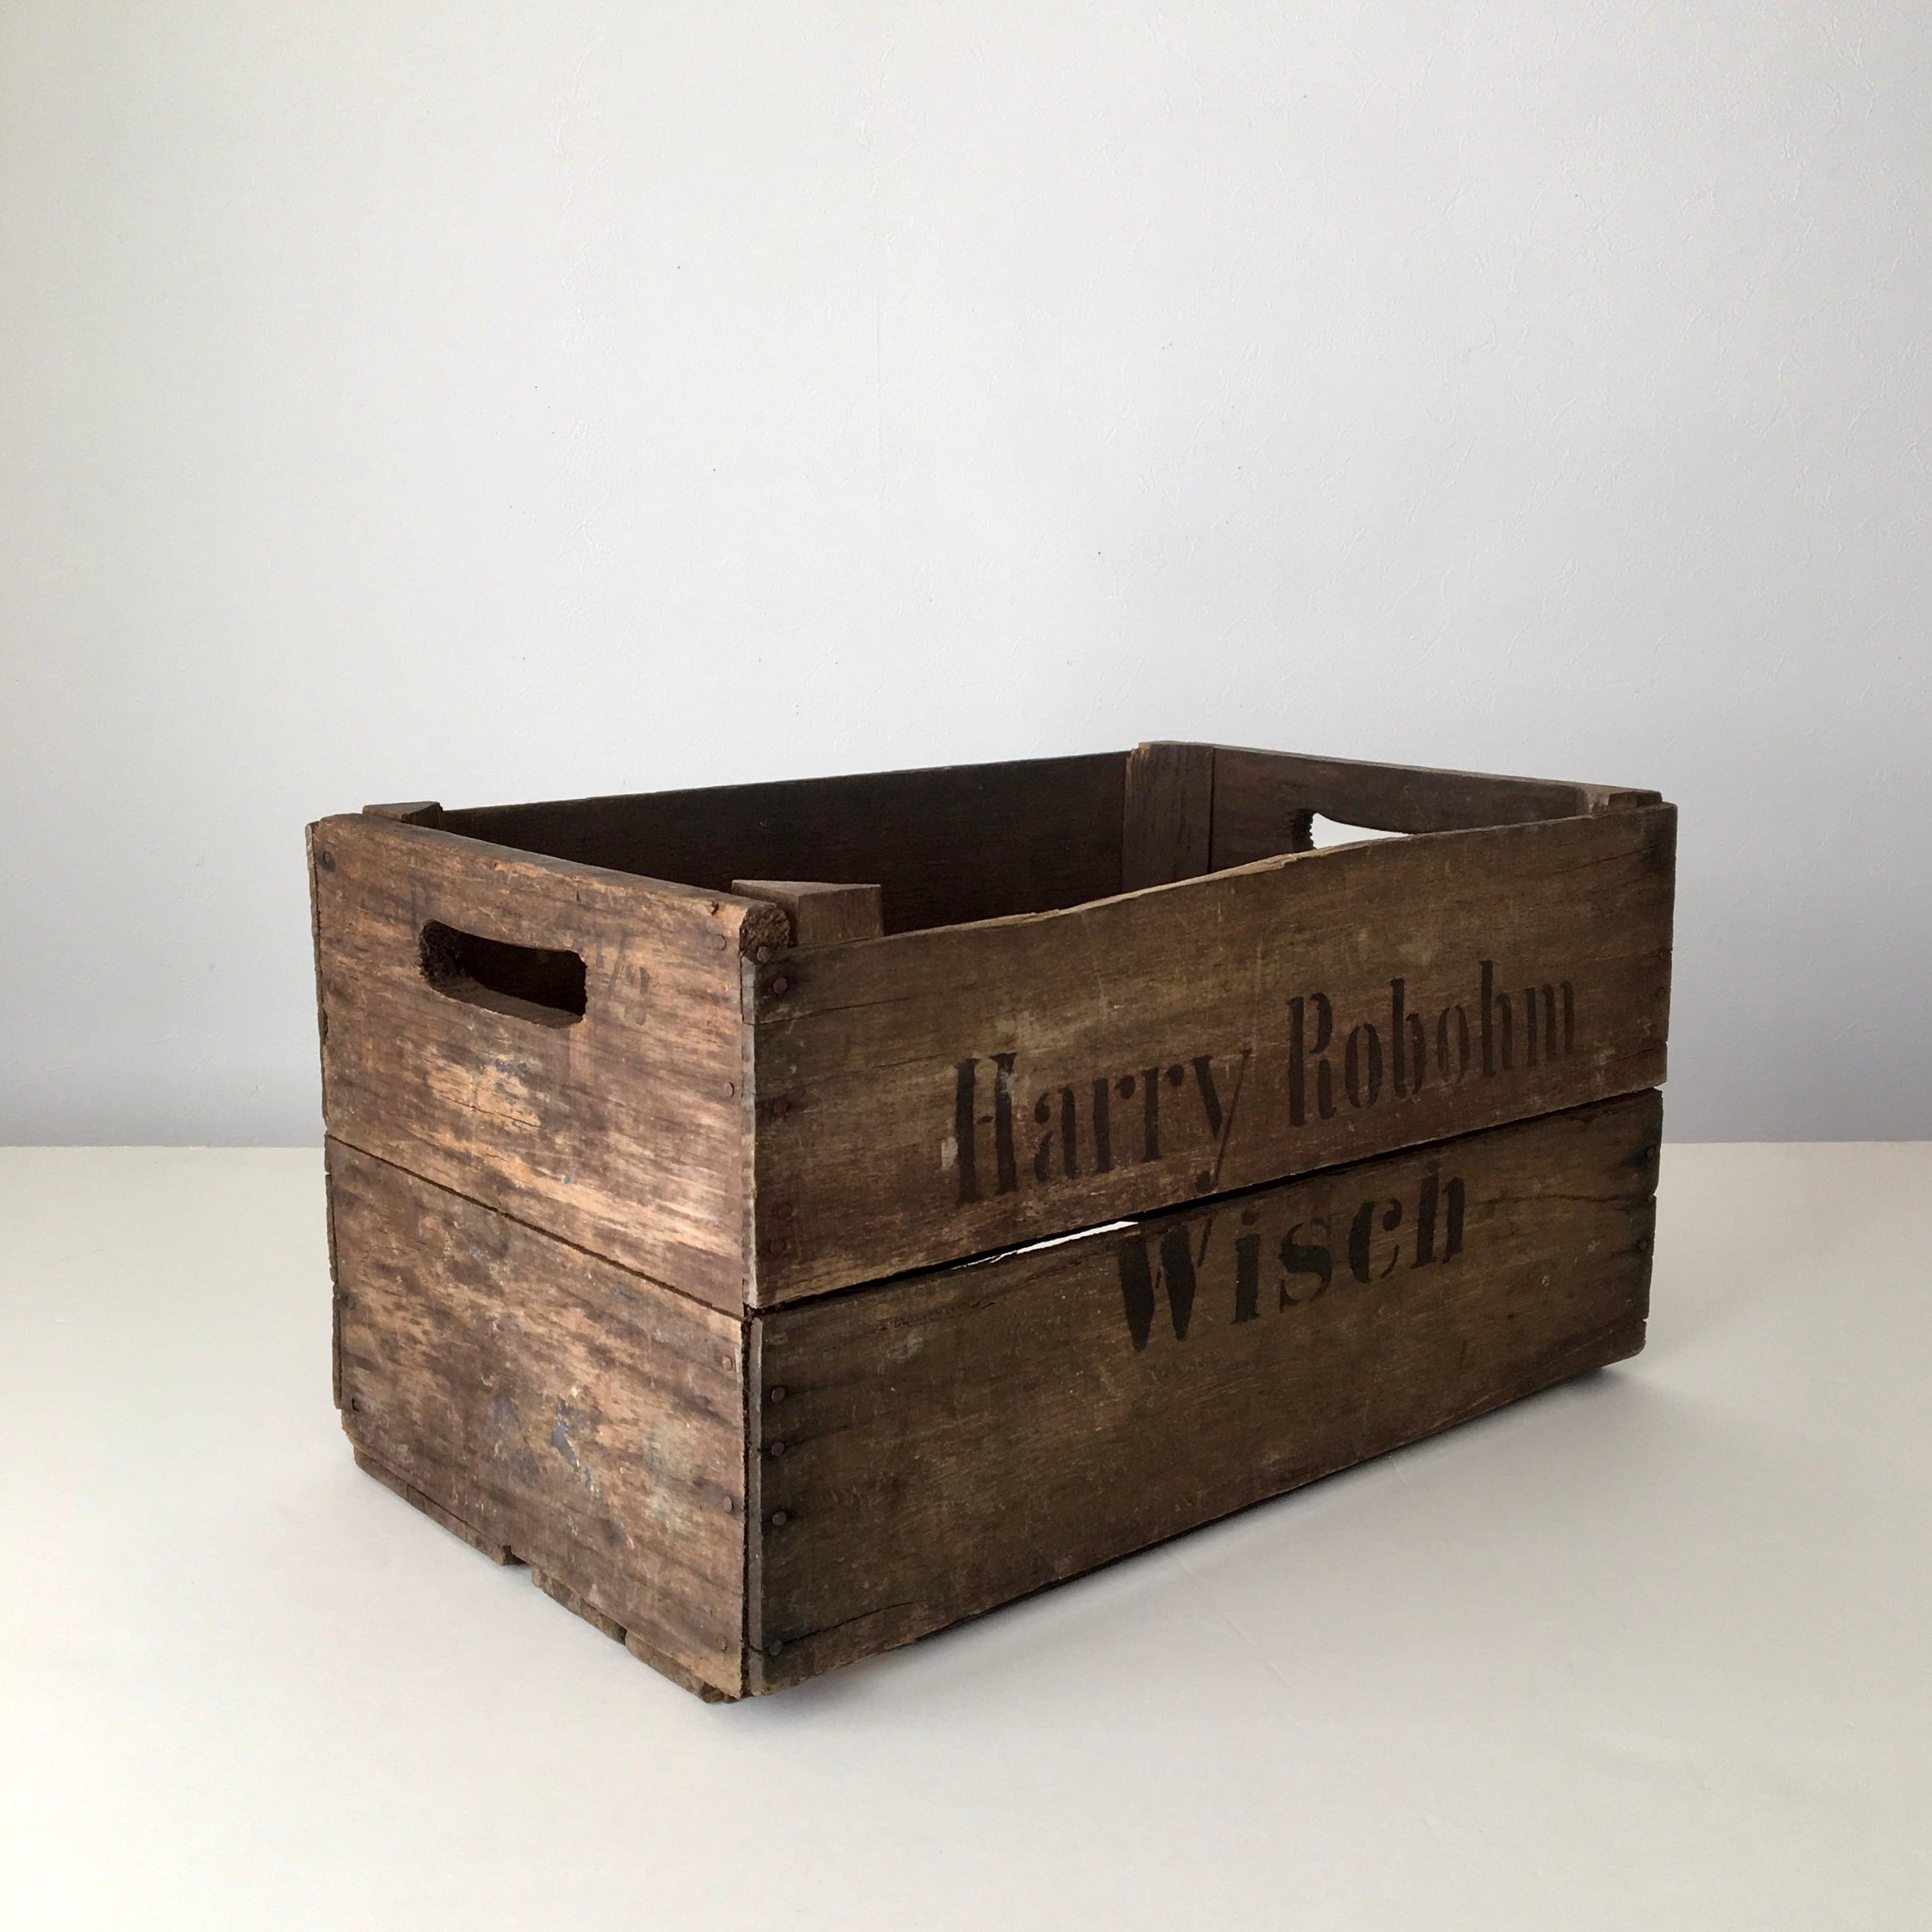 ヴィンテージのリンゴの木箱② Vintage German Apple Box